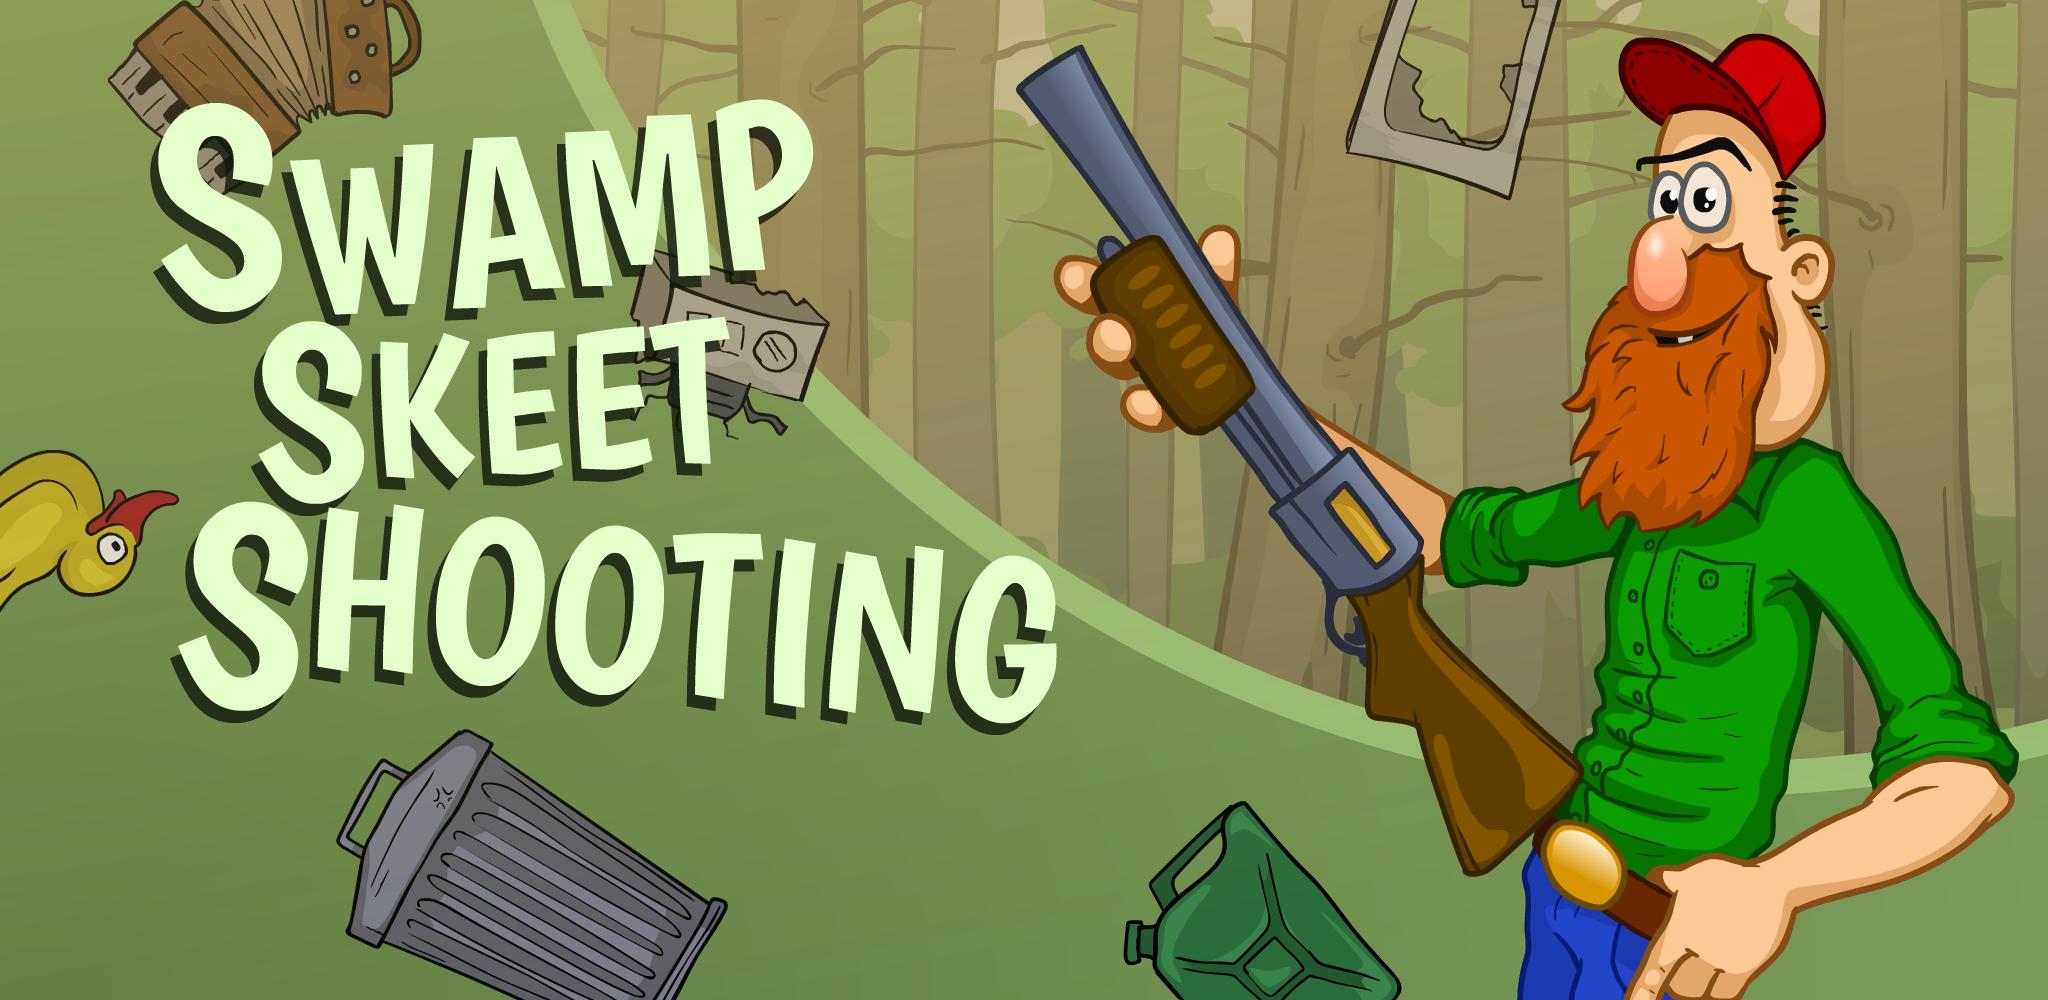 Swamp Skeet Shooting